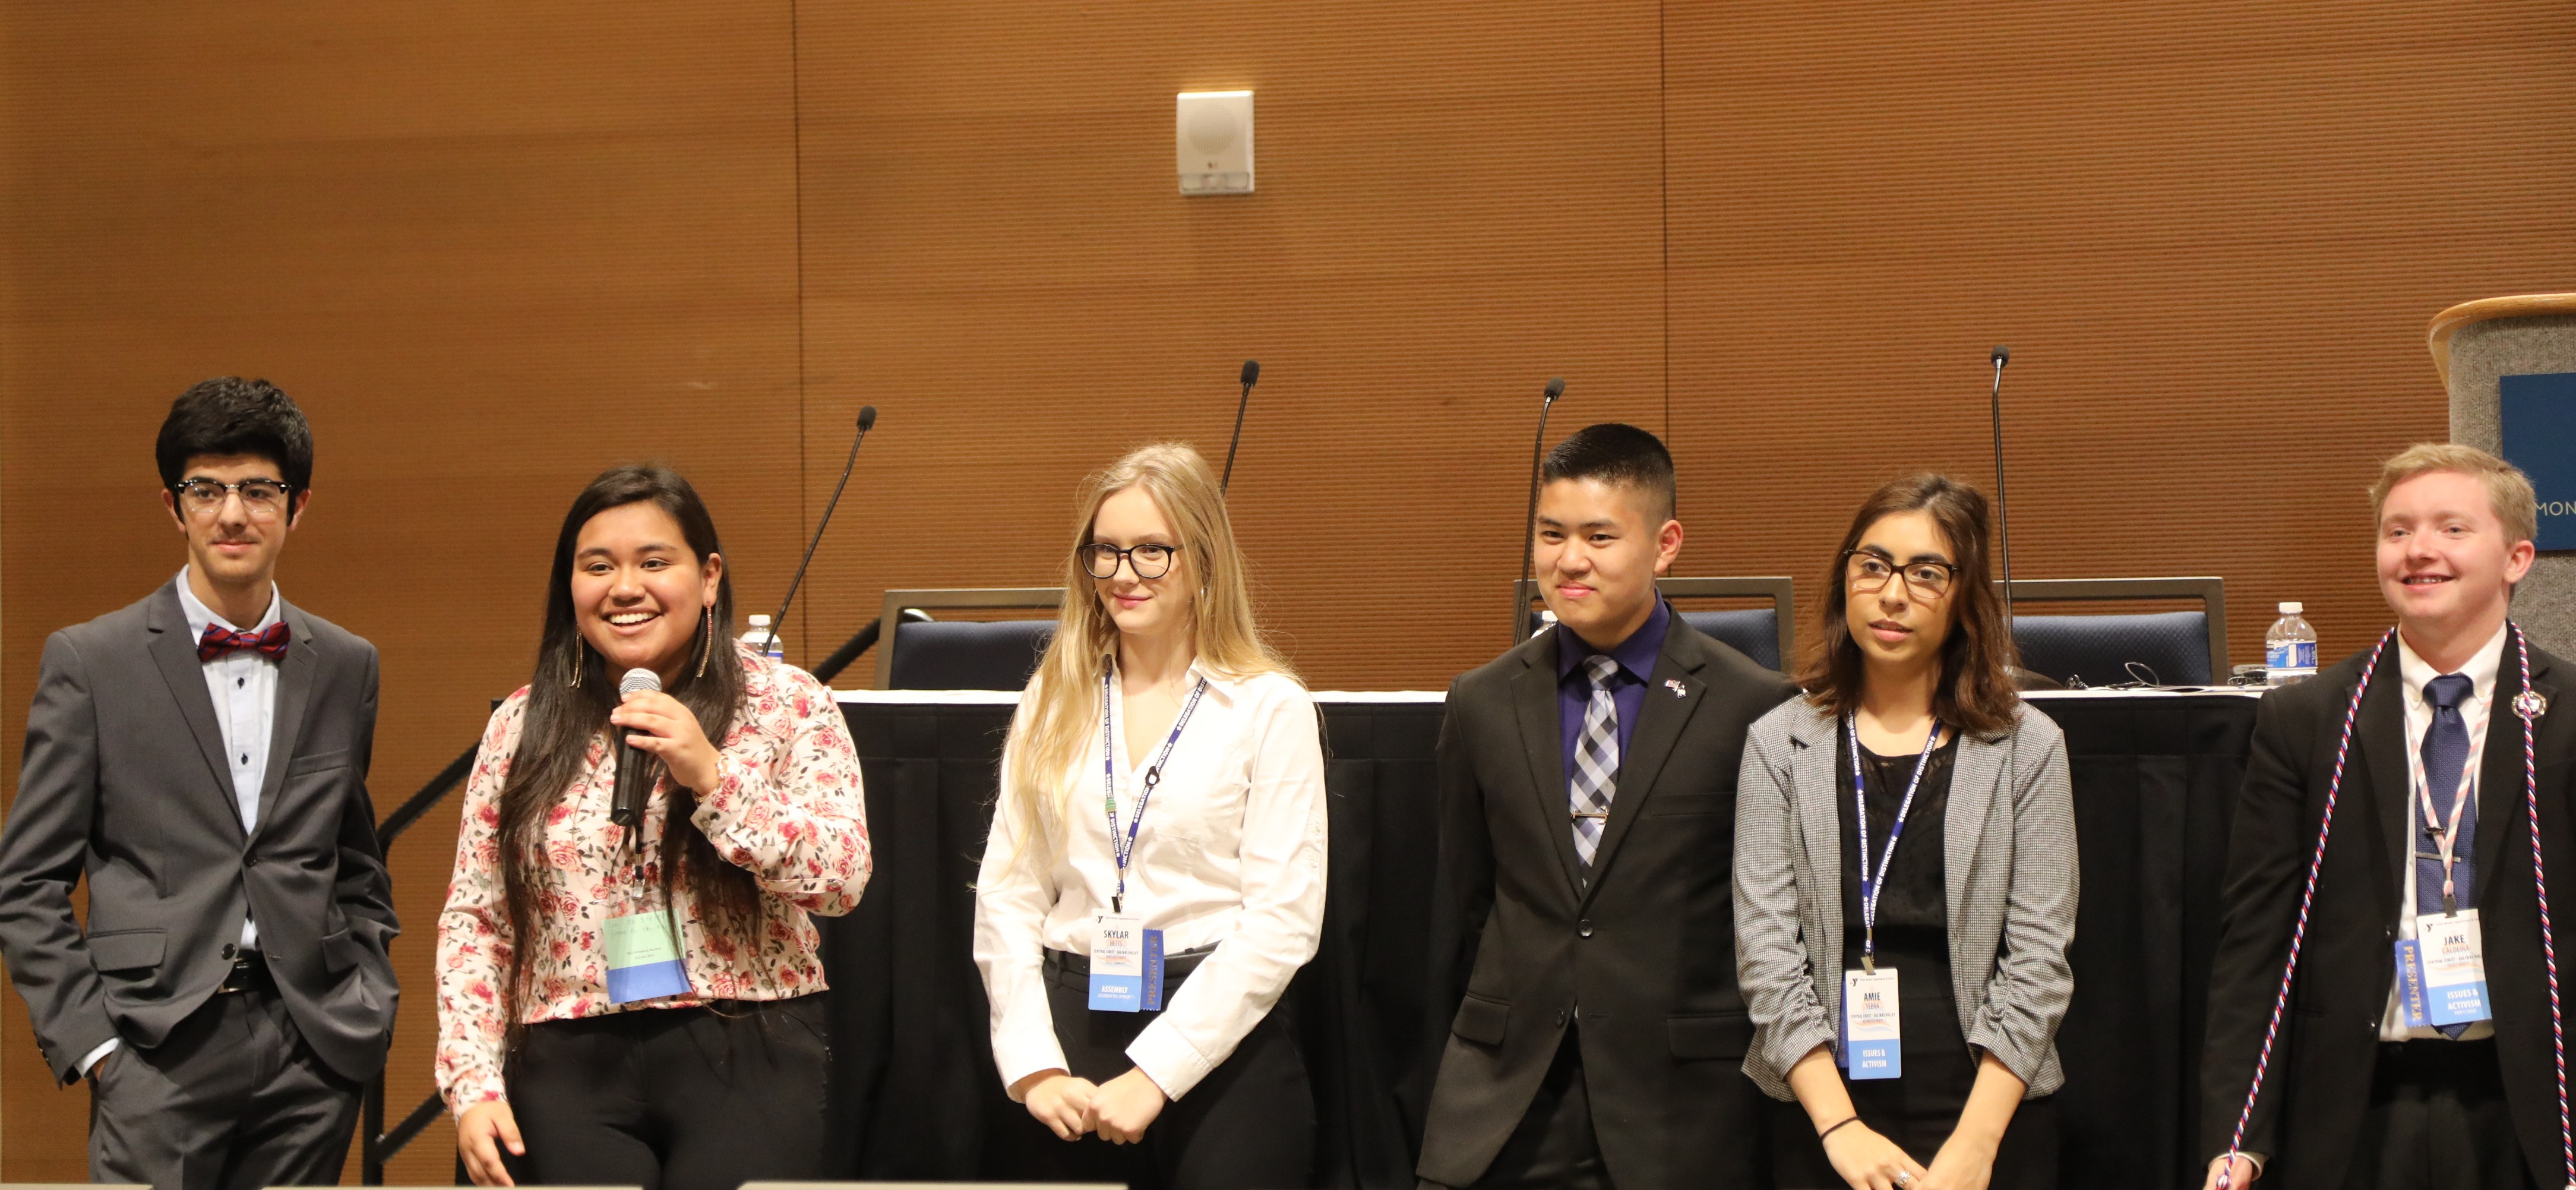 Students at ACSA